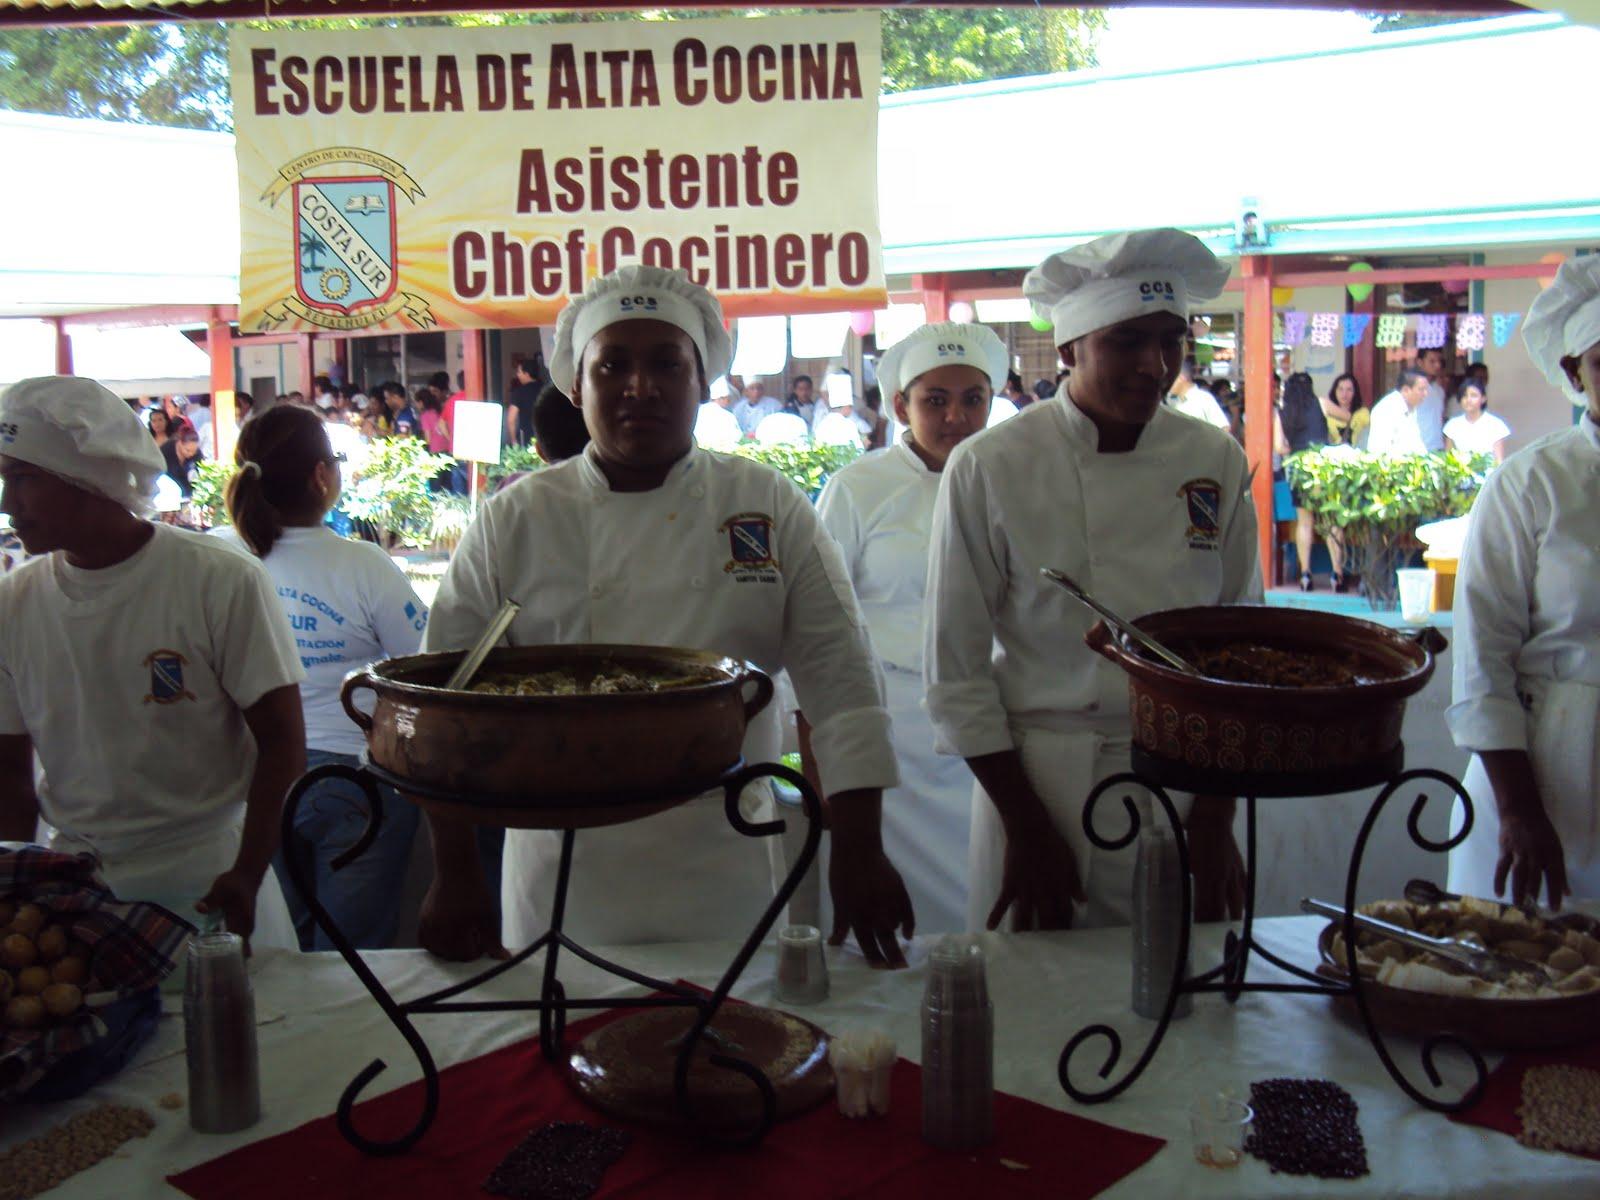 Iesch tapachula escuela de alta cocina de guatemala for Escuela de cocina